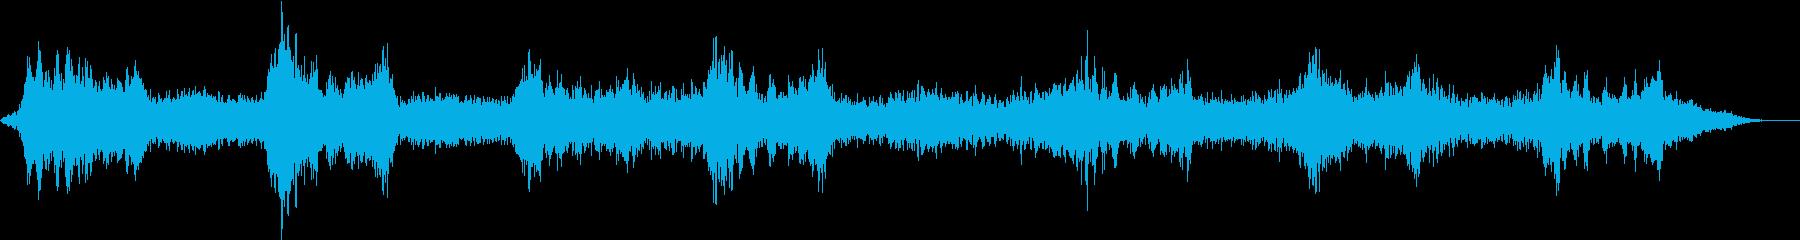 機械的なフィルターシフトを備えたロ...の再生済みの波形